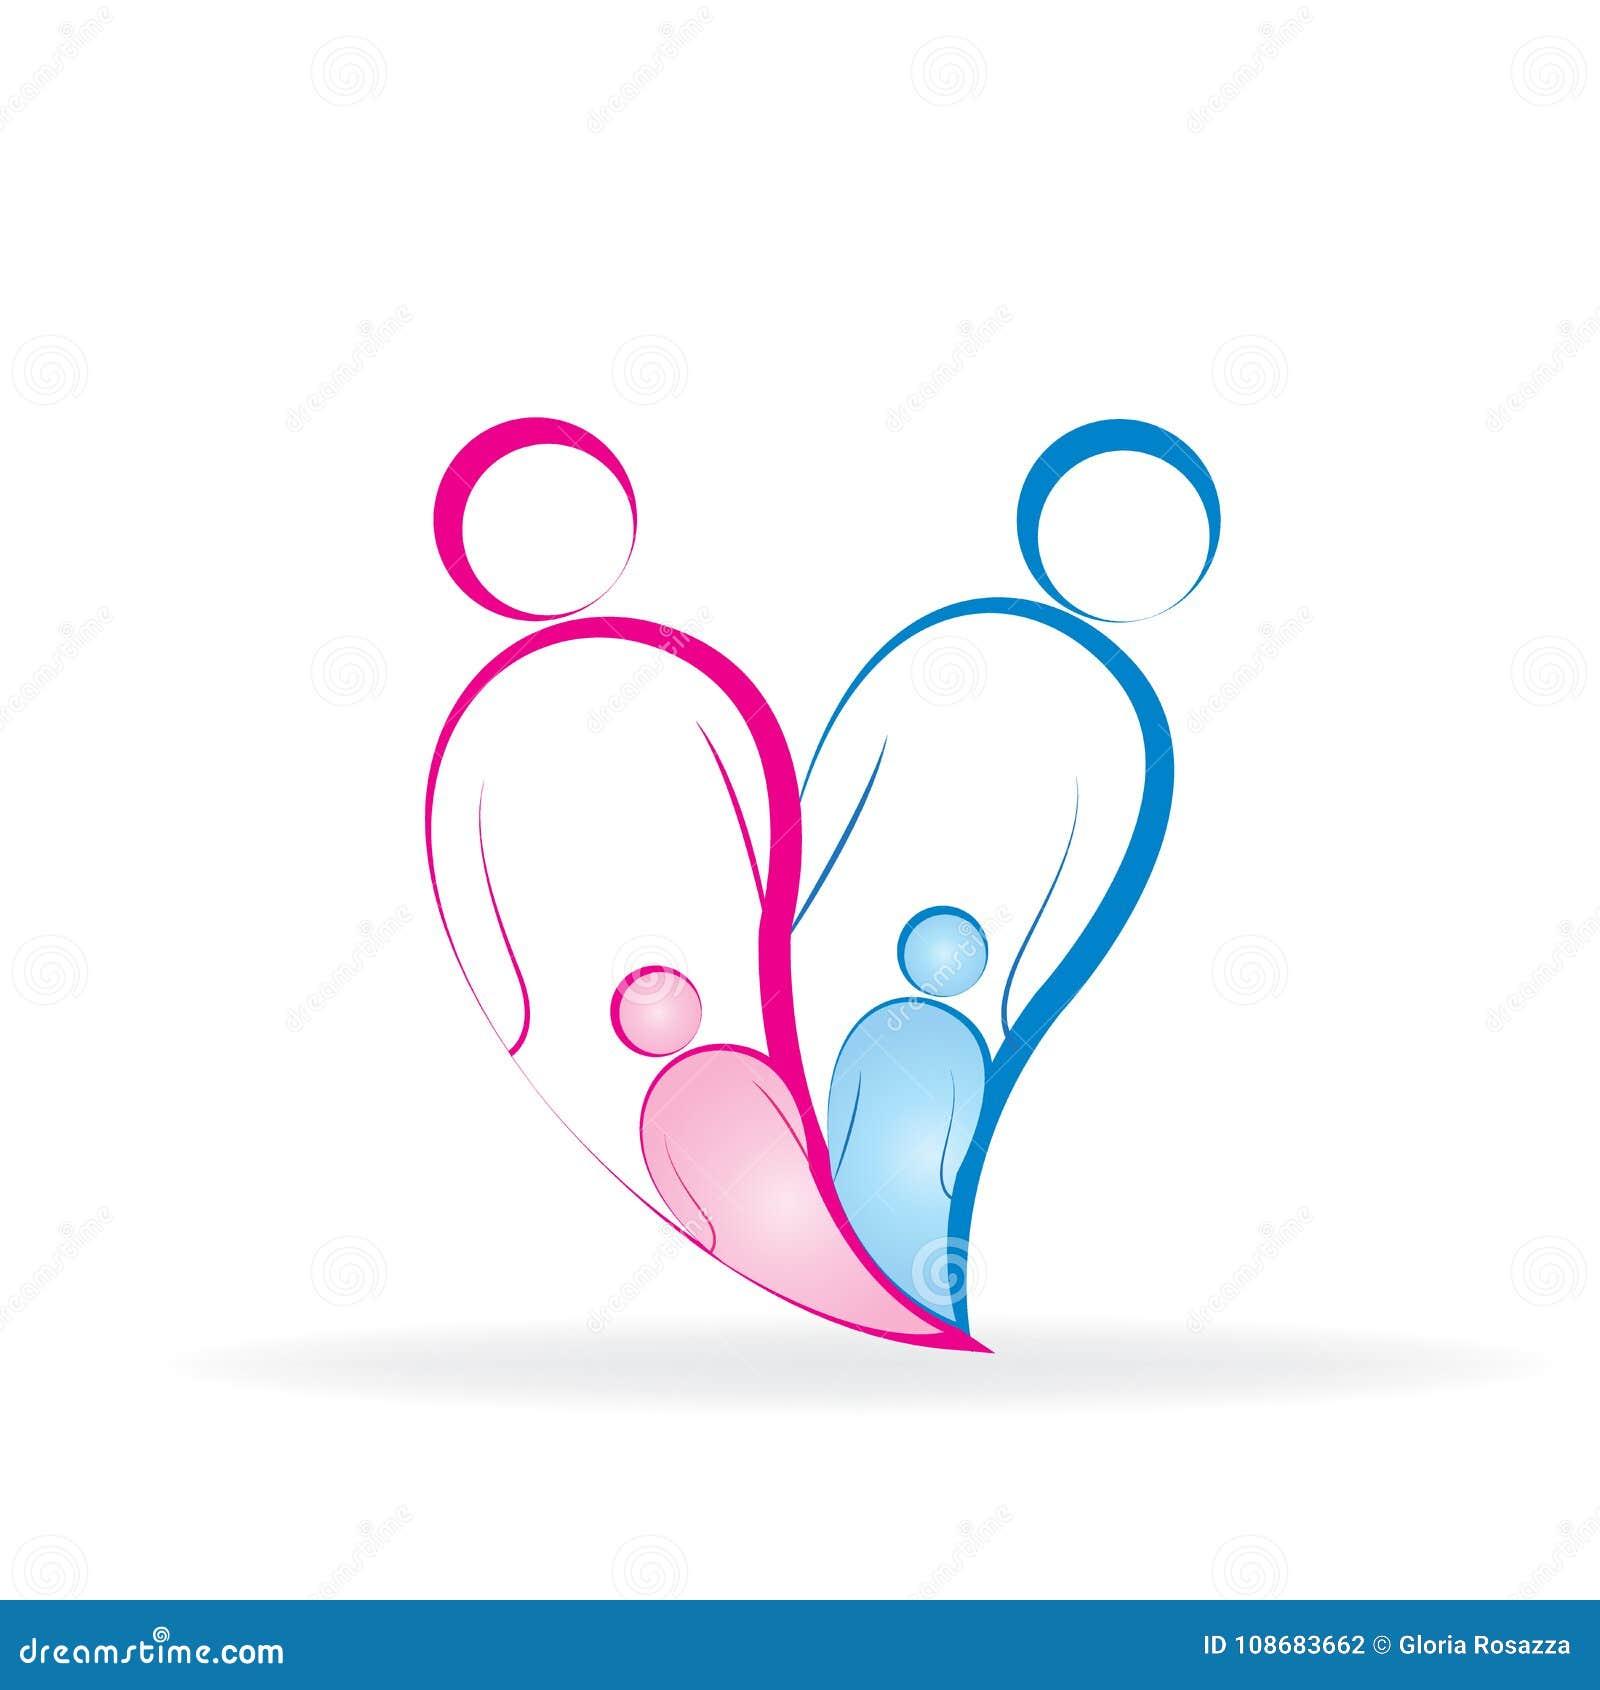 Family Love Heart Line Art Symbol Logo Stock Vector Illustration